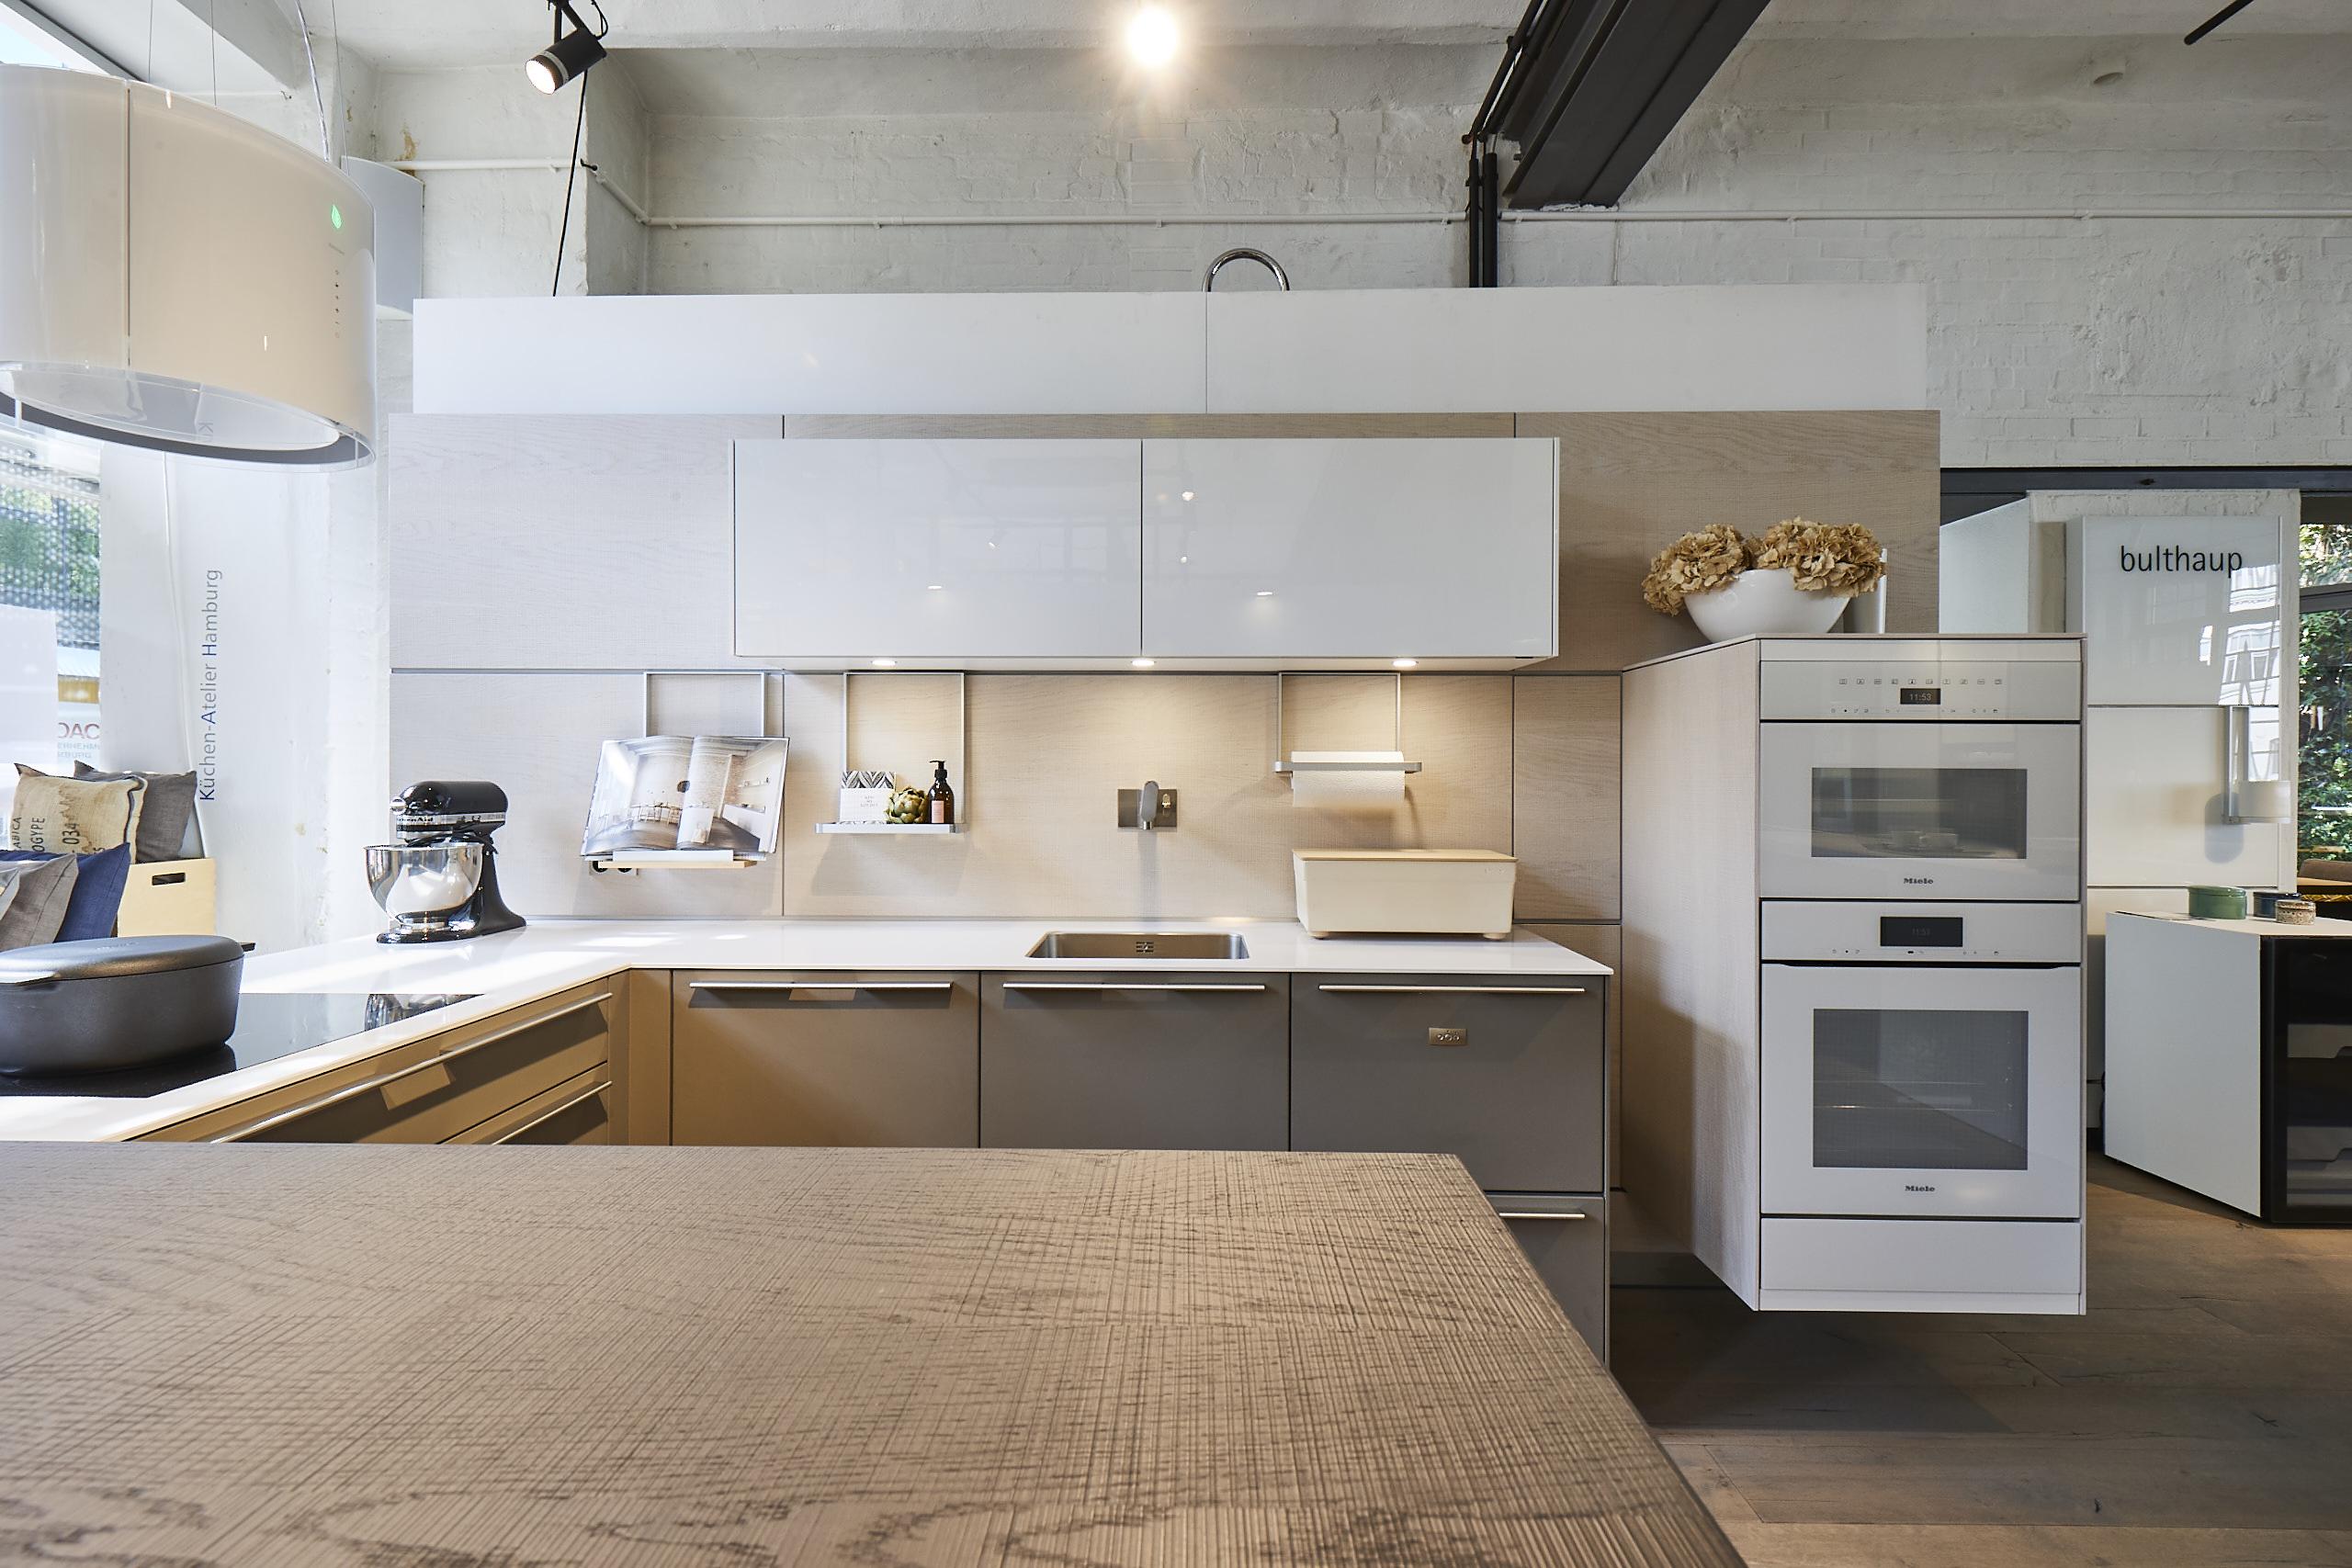 bulthaup in Winterhude - b1 - Küchen Atelier Hamburg